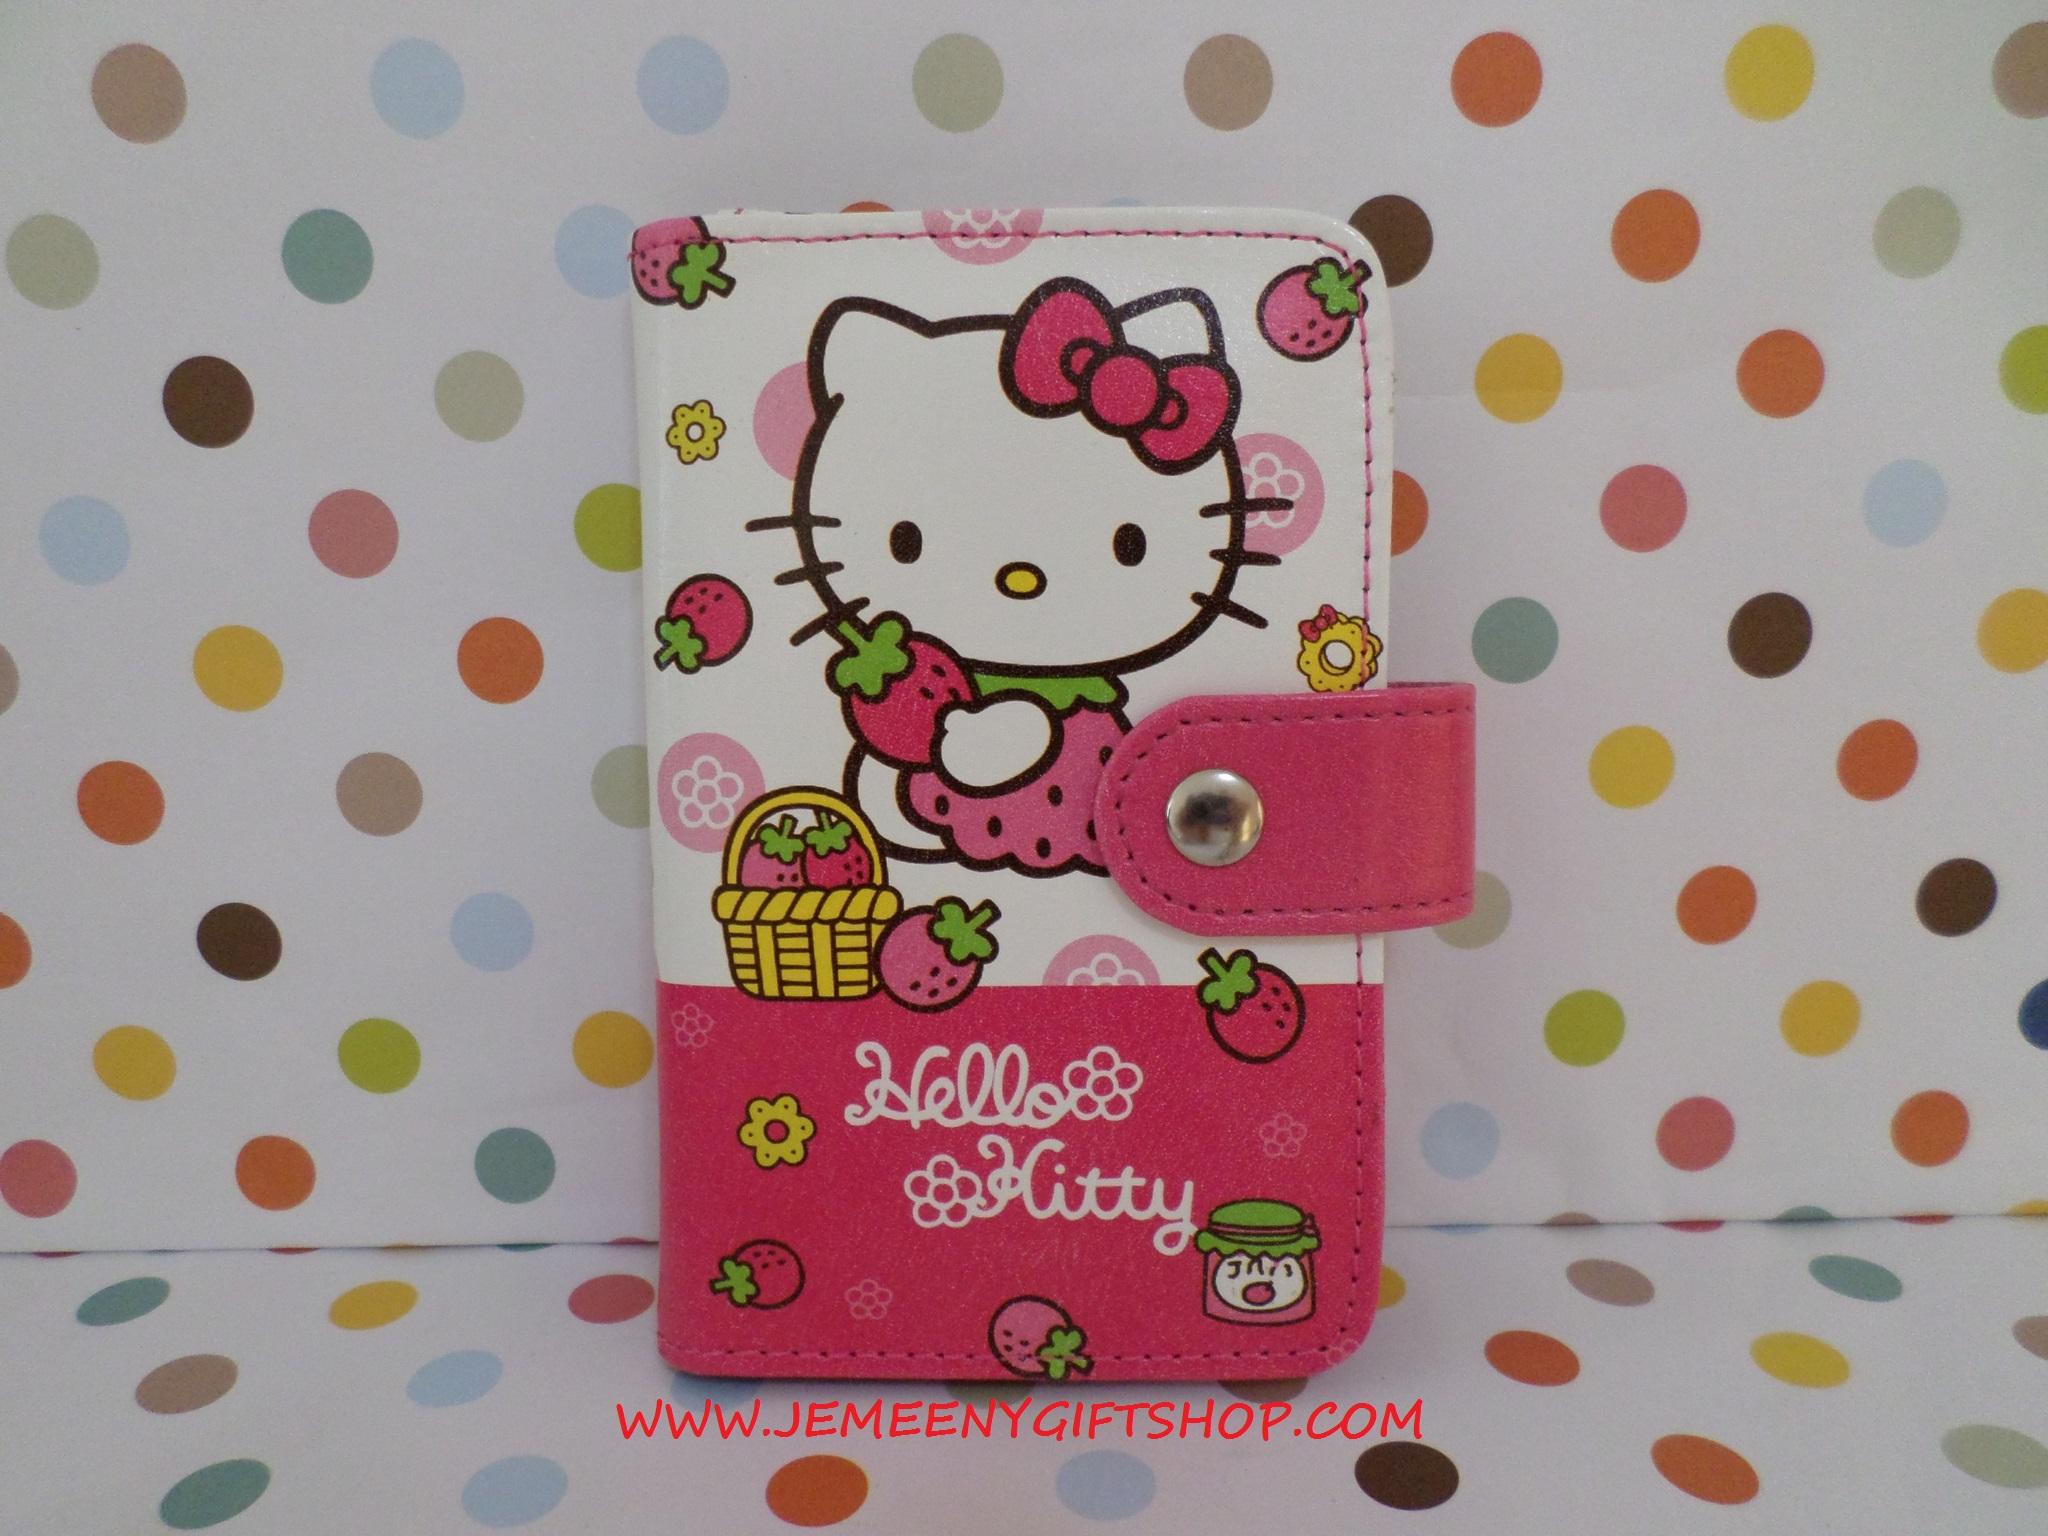 กระเป๋าใส่บัตร บัตรต่างๆ ฮัลโหลคิตตี้ Hello kitty#1 ขนาดยาว 9 ซม. * สูง 12 ซม. ลายคิตตี้สตรอเบอรี่ สีชมพู